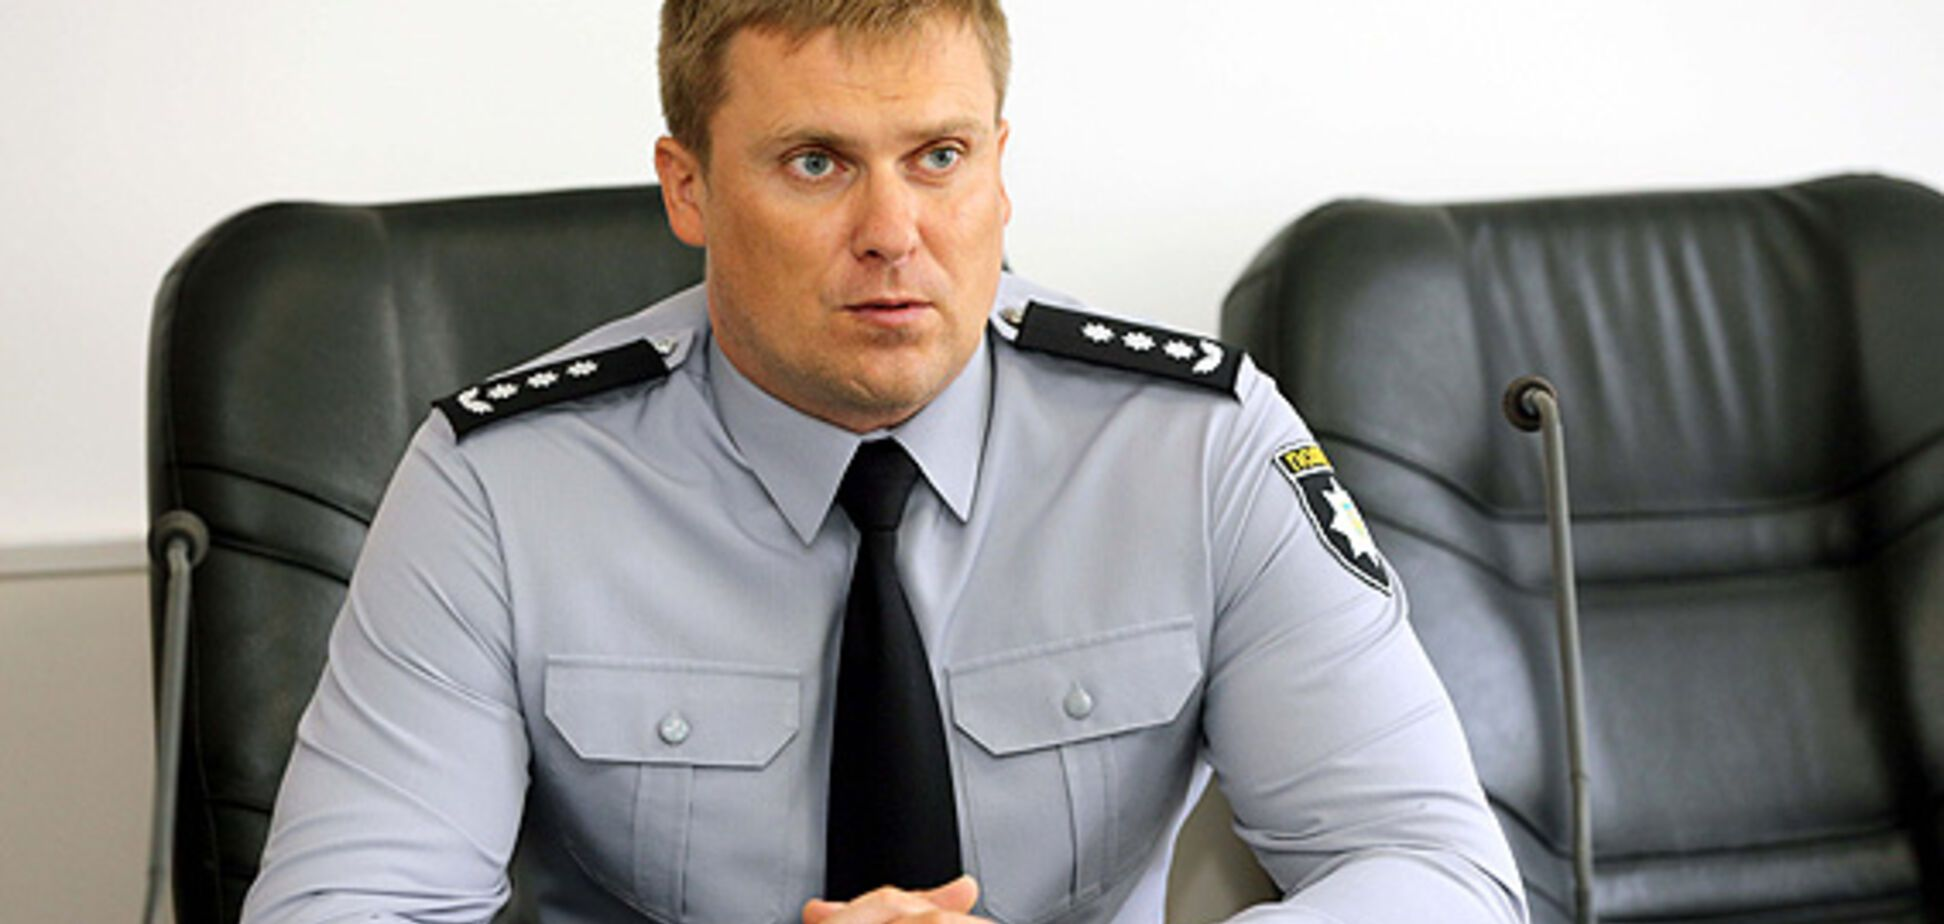 Скандал с обыском у Трояна: СМИ рассказали, как Аваков отстоял подчиненного